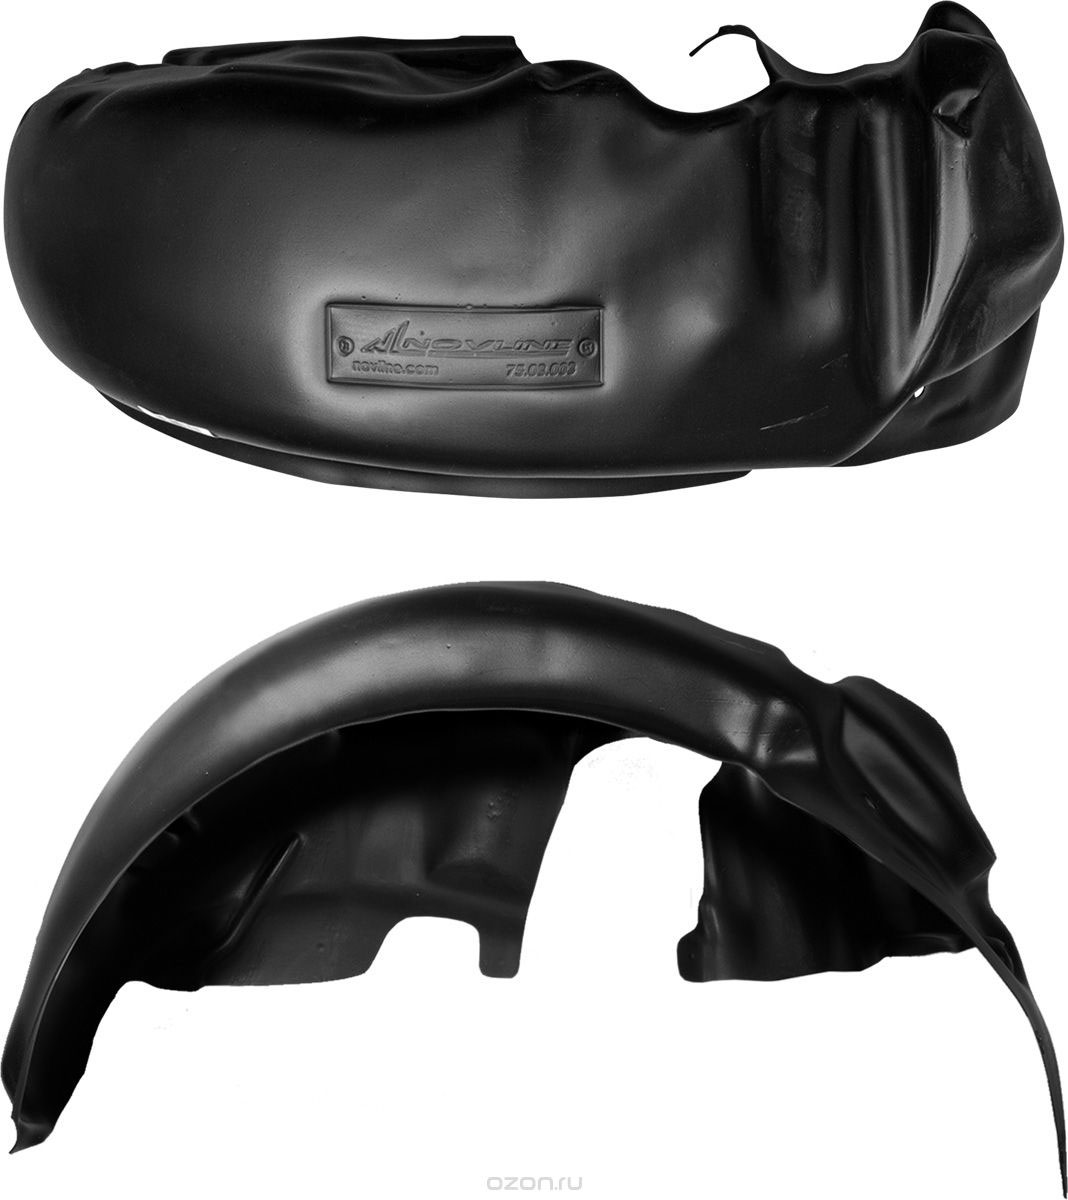 Подкрылок Novline-Autofamily, для Fiat Ducato, 08/2014->, без расширителей арок, передний правыйNLL.15.20.002Идеальная защита колесной ниши. Локеры разработаны с применением цифровых технологий, гарантируют максимальную повторяемость поверхности арки. Изделия устанавливаются без нарушения лакокрасочного покрытия автомобиля, каждый подкрылок комплектуется крепежом. Уважаемые клиенты, обращаем ваше внимание, что фотографии на подкрылки универсальные и не отражают реальную форму изделия. При этом само изделие идет точно под размер указанного автомобиля.